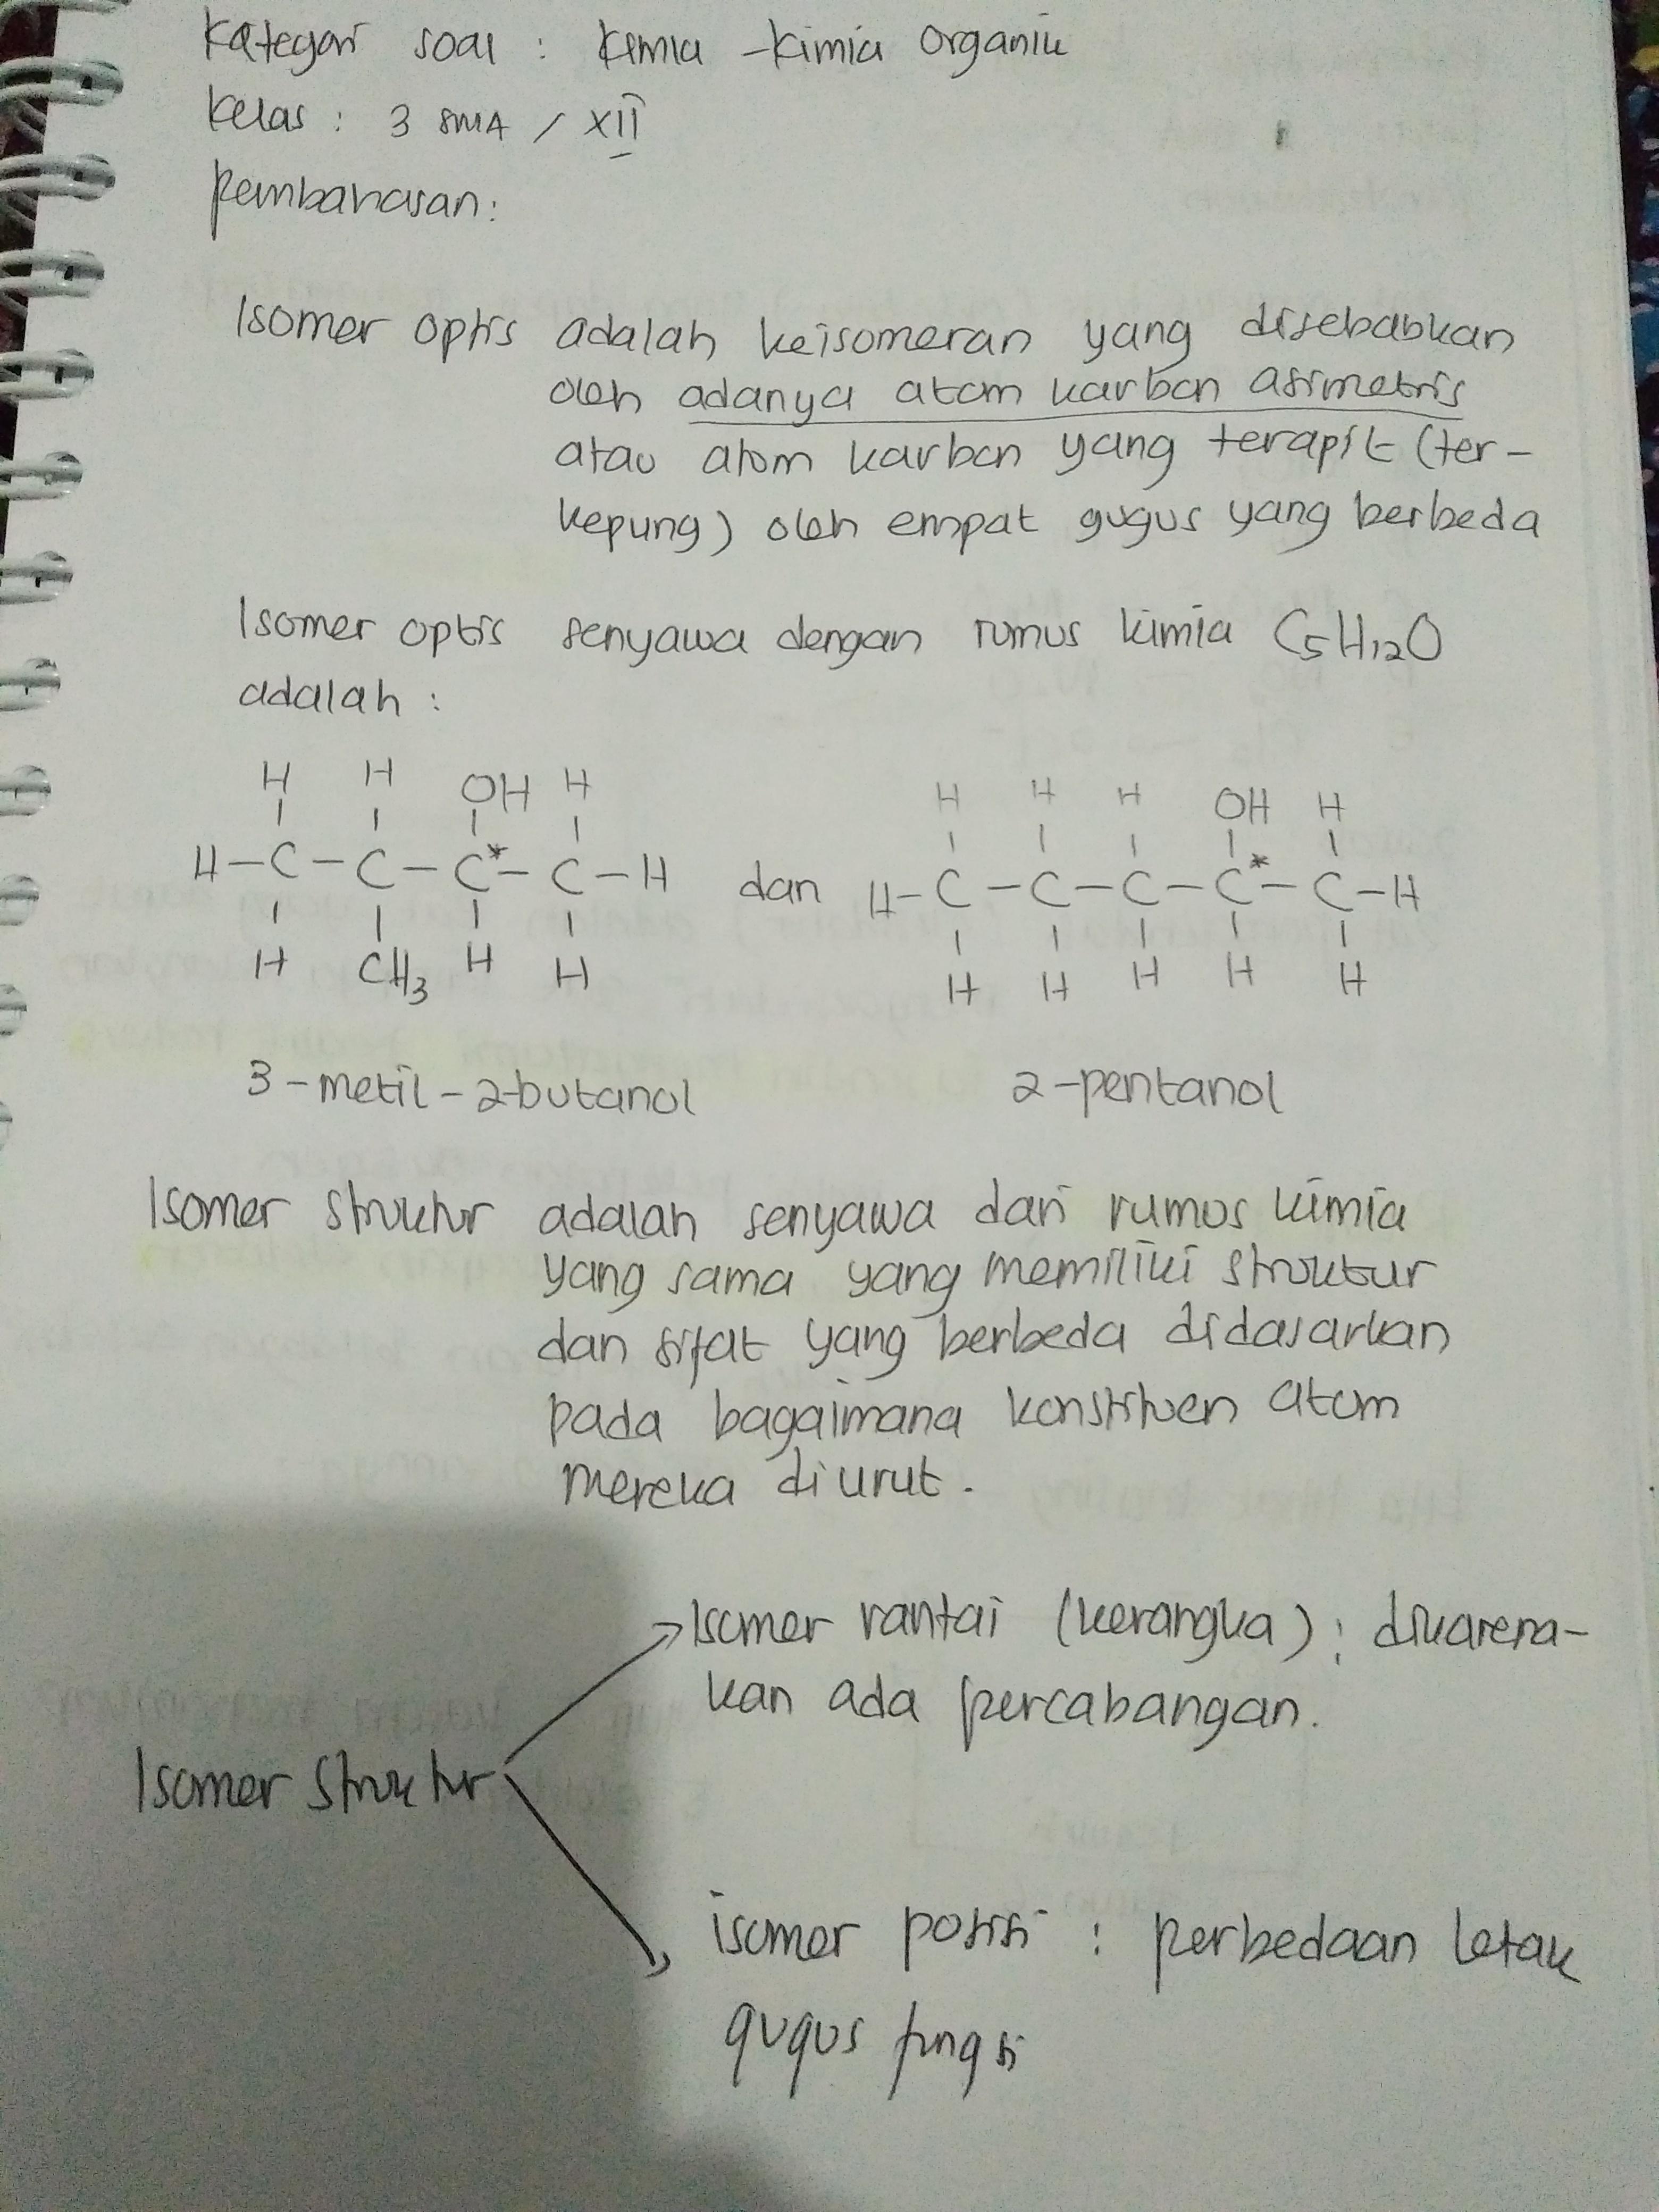 Diketahui Suatu Senyawa Alkohol C5h12o Tentukan A Dua Buah Isomer Struktur Serta Beri Nama Sesuai Brainly Co Id